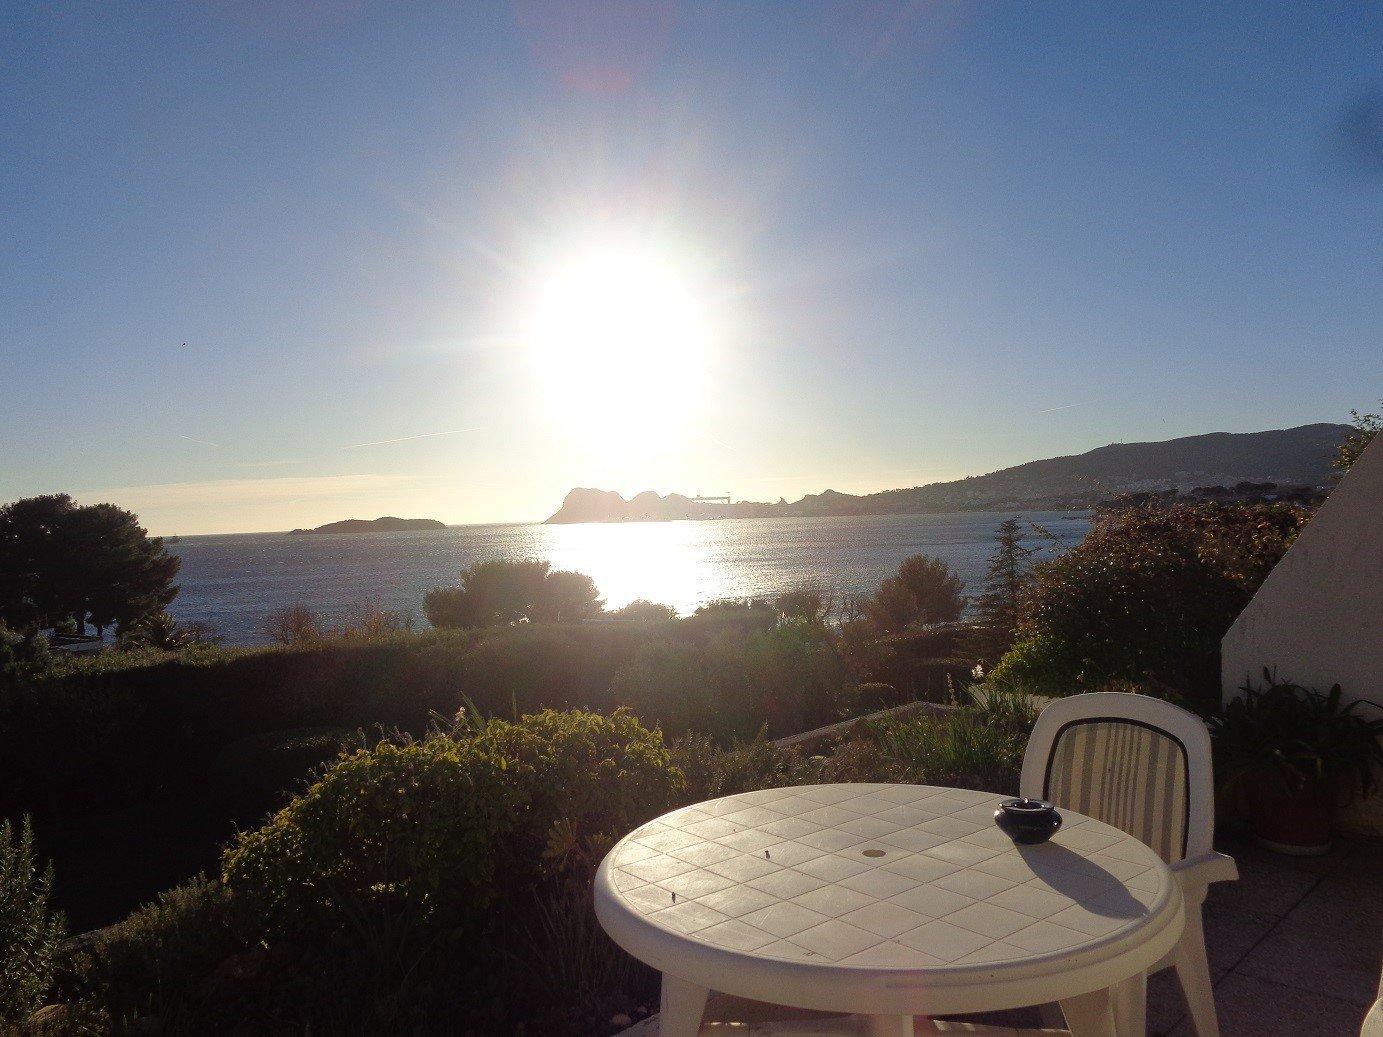 A Vendre dpt 13 bouches du rhone  La Ciotat T3 vue mer, terrasse 80m², place de parking, vente à terme en usufruit viager occupé.